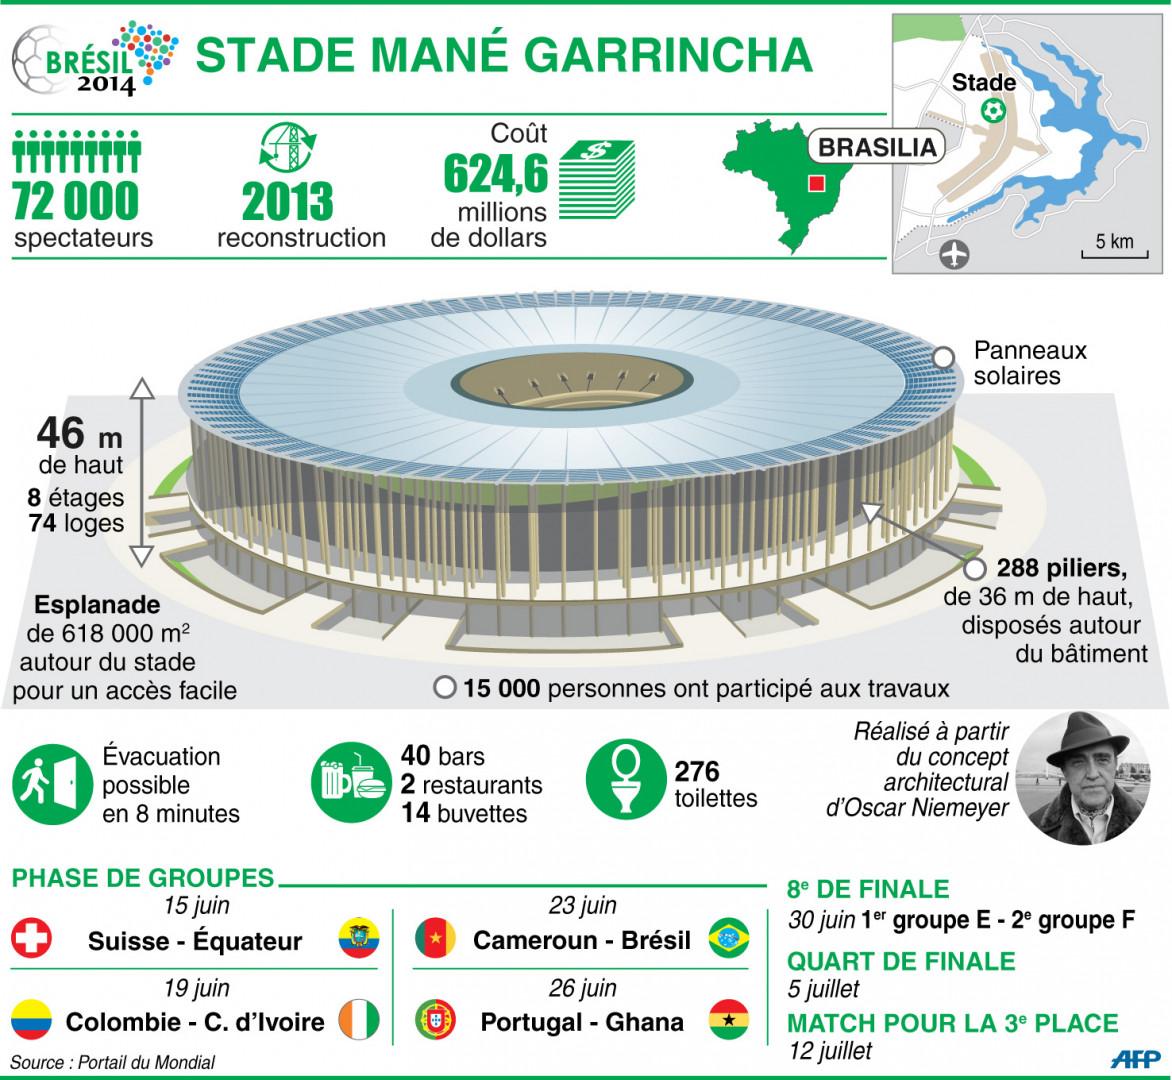 Infographie : le stade national Mané Garrincha à Brasilia